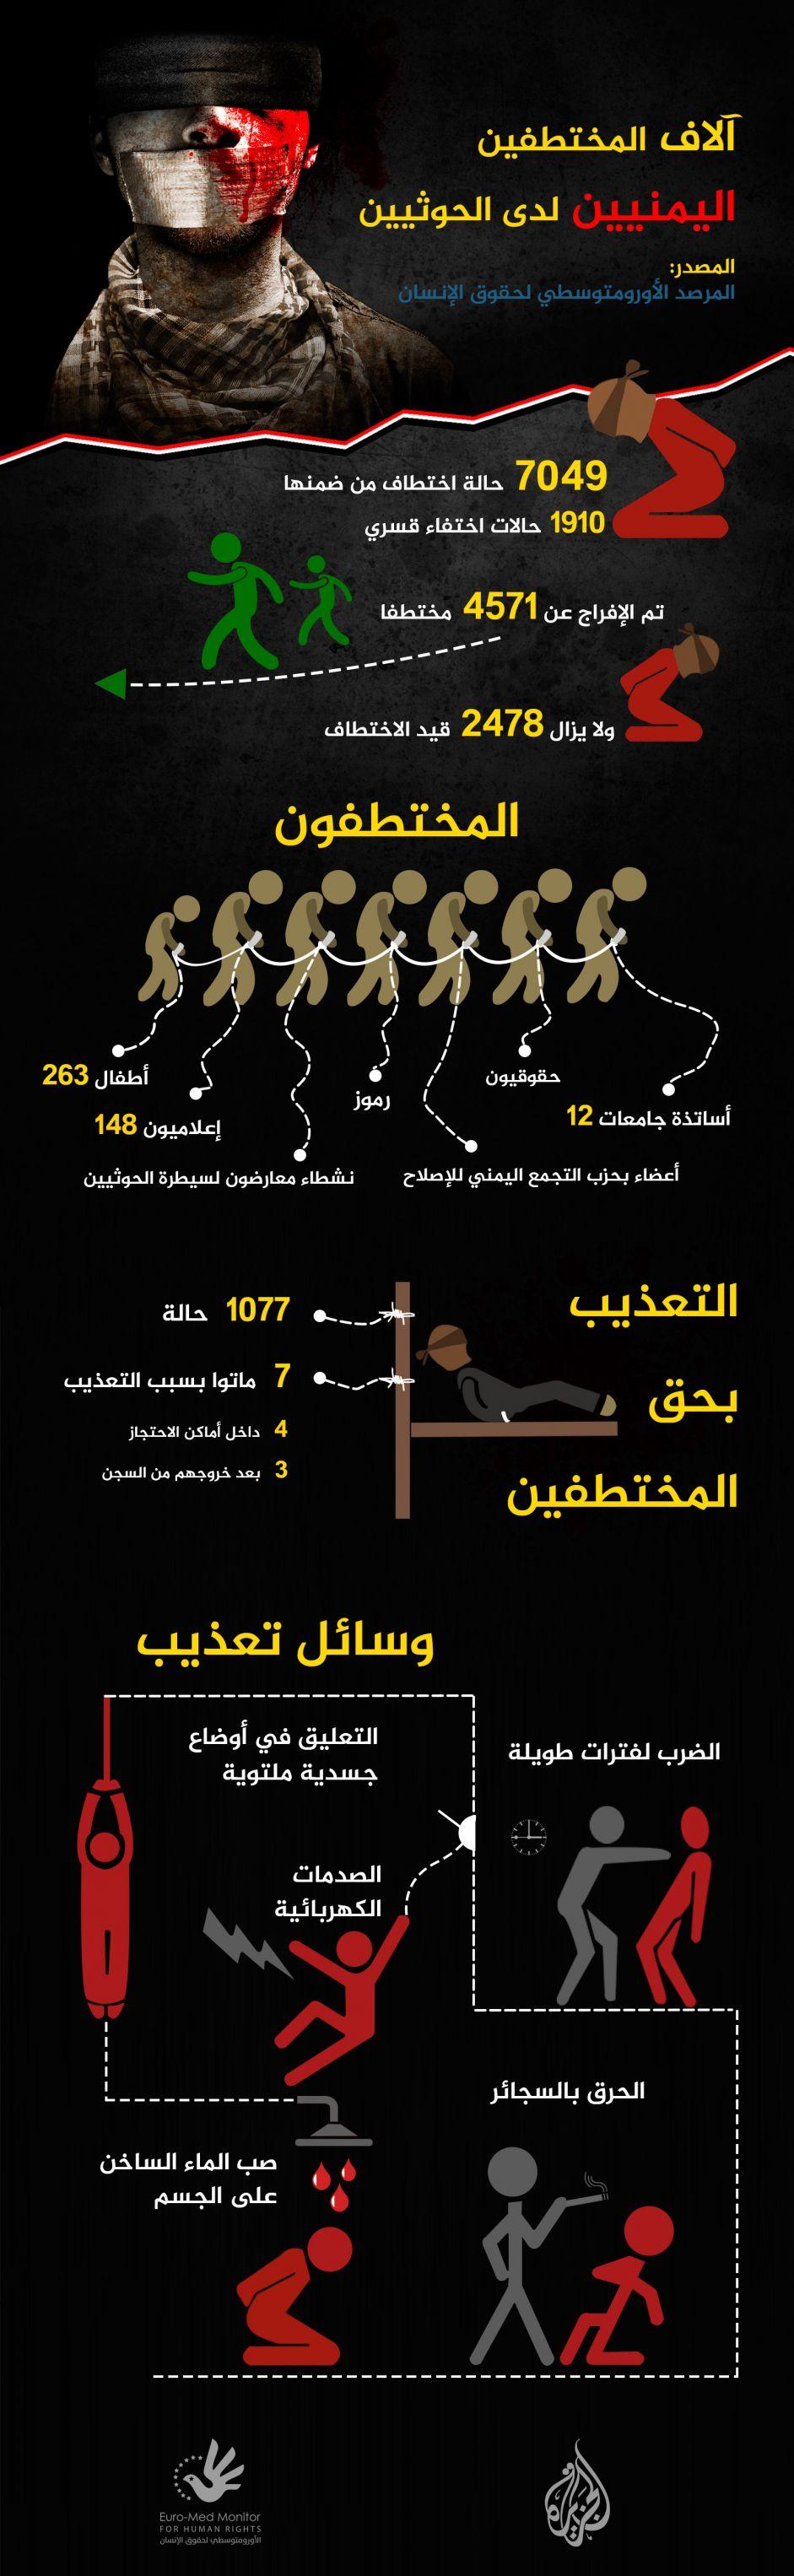 آلاف المختطفين اليمنيين لدى الحوثيين